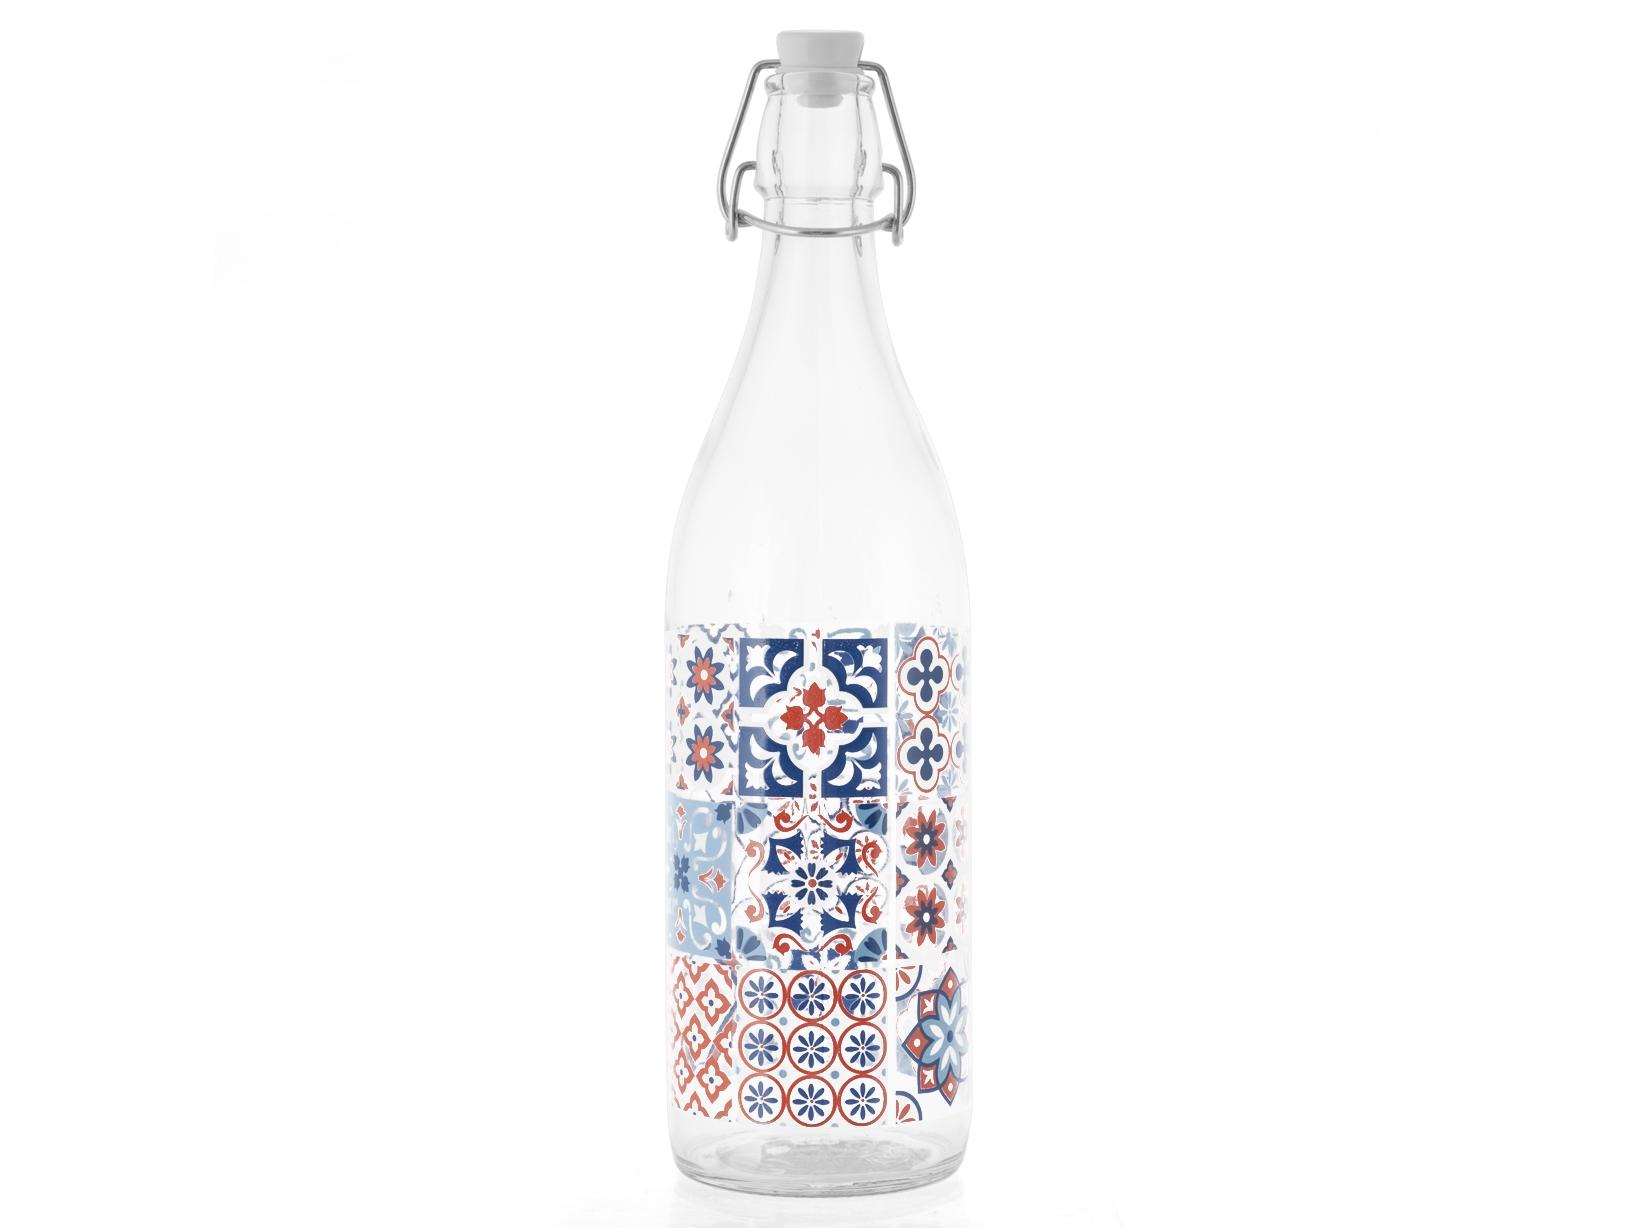 Acquista Set 6 Bottiglia Vetro Decoro Maiorca 17506557 | Glooke.com